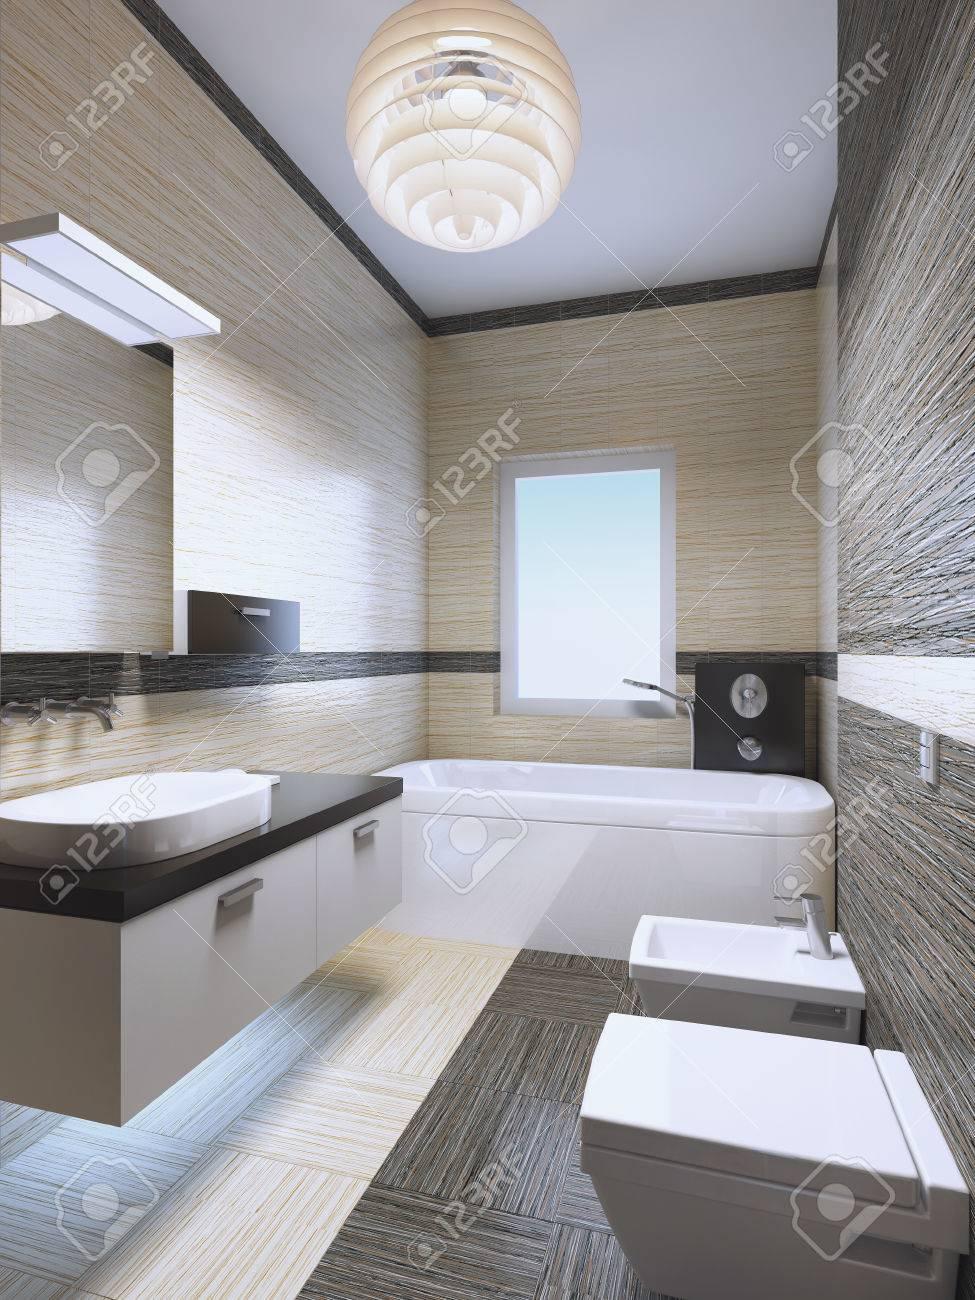 Lumières De Salle De Bains salle de bains cher lumineux avec des lumières au néon, carreau de zebrano  dans la crème et les couleurs brun pâle. mobilier blanc élégant avec des